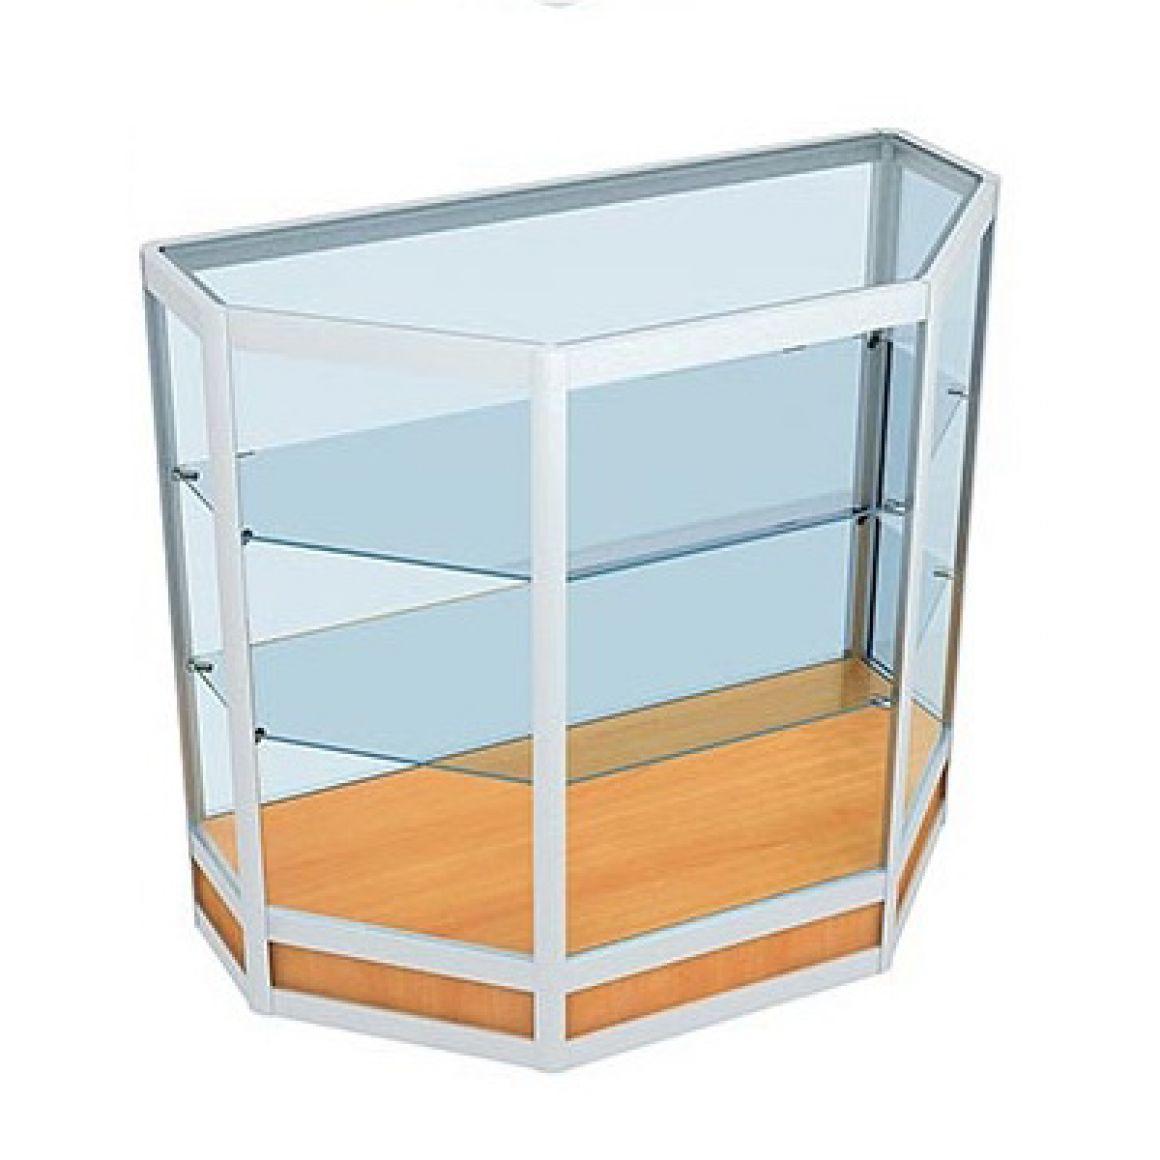 Торговые витрины и прилавки из алюминиевого профиля